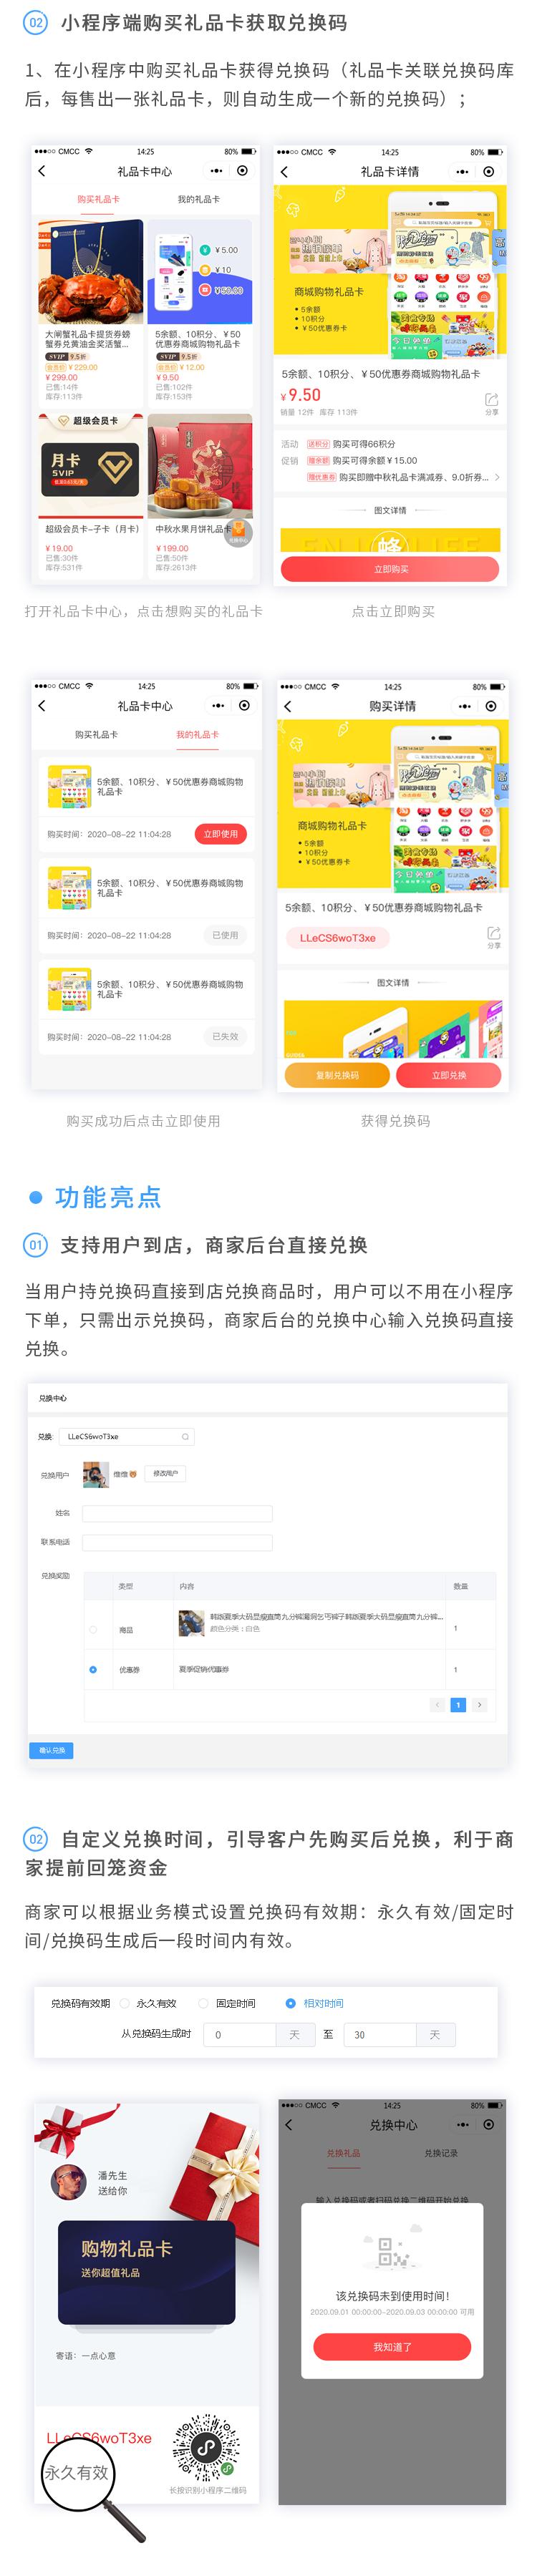 兑换中心宣传图_03(1).png